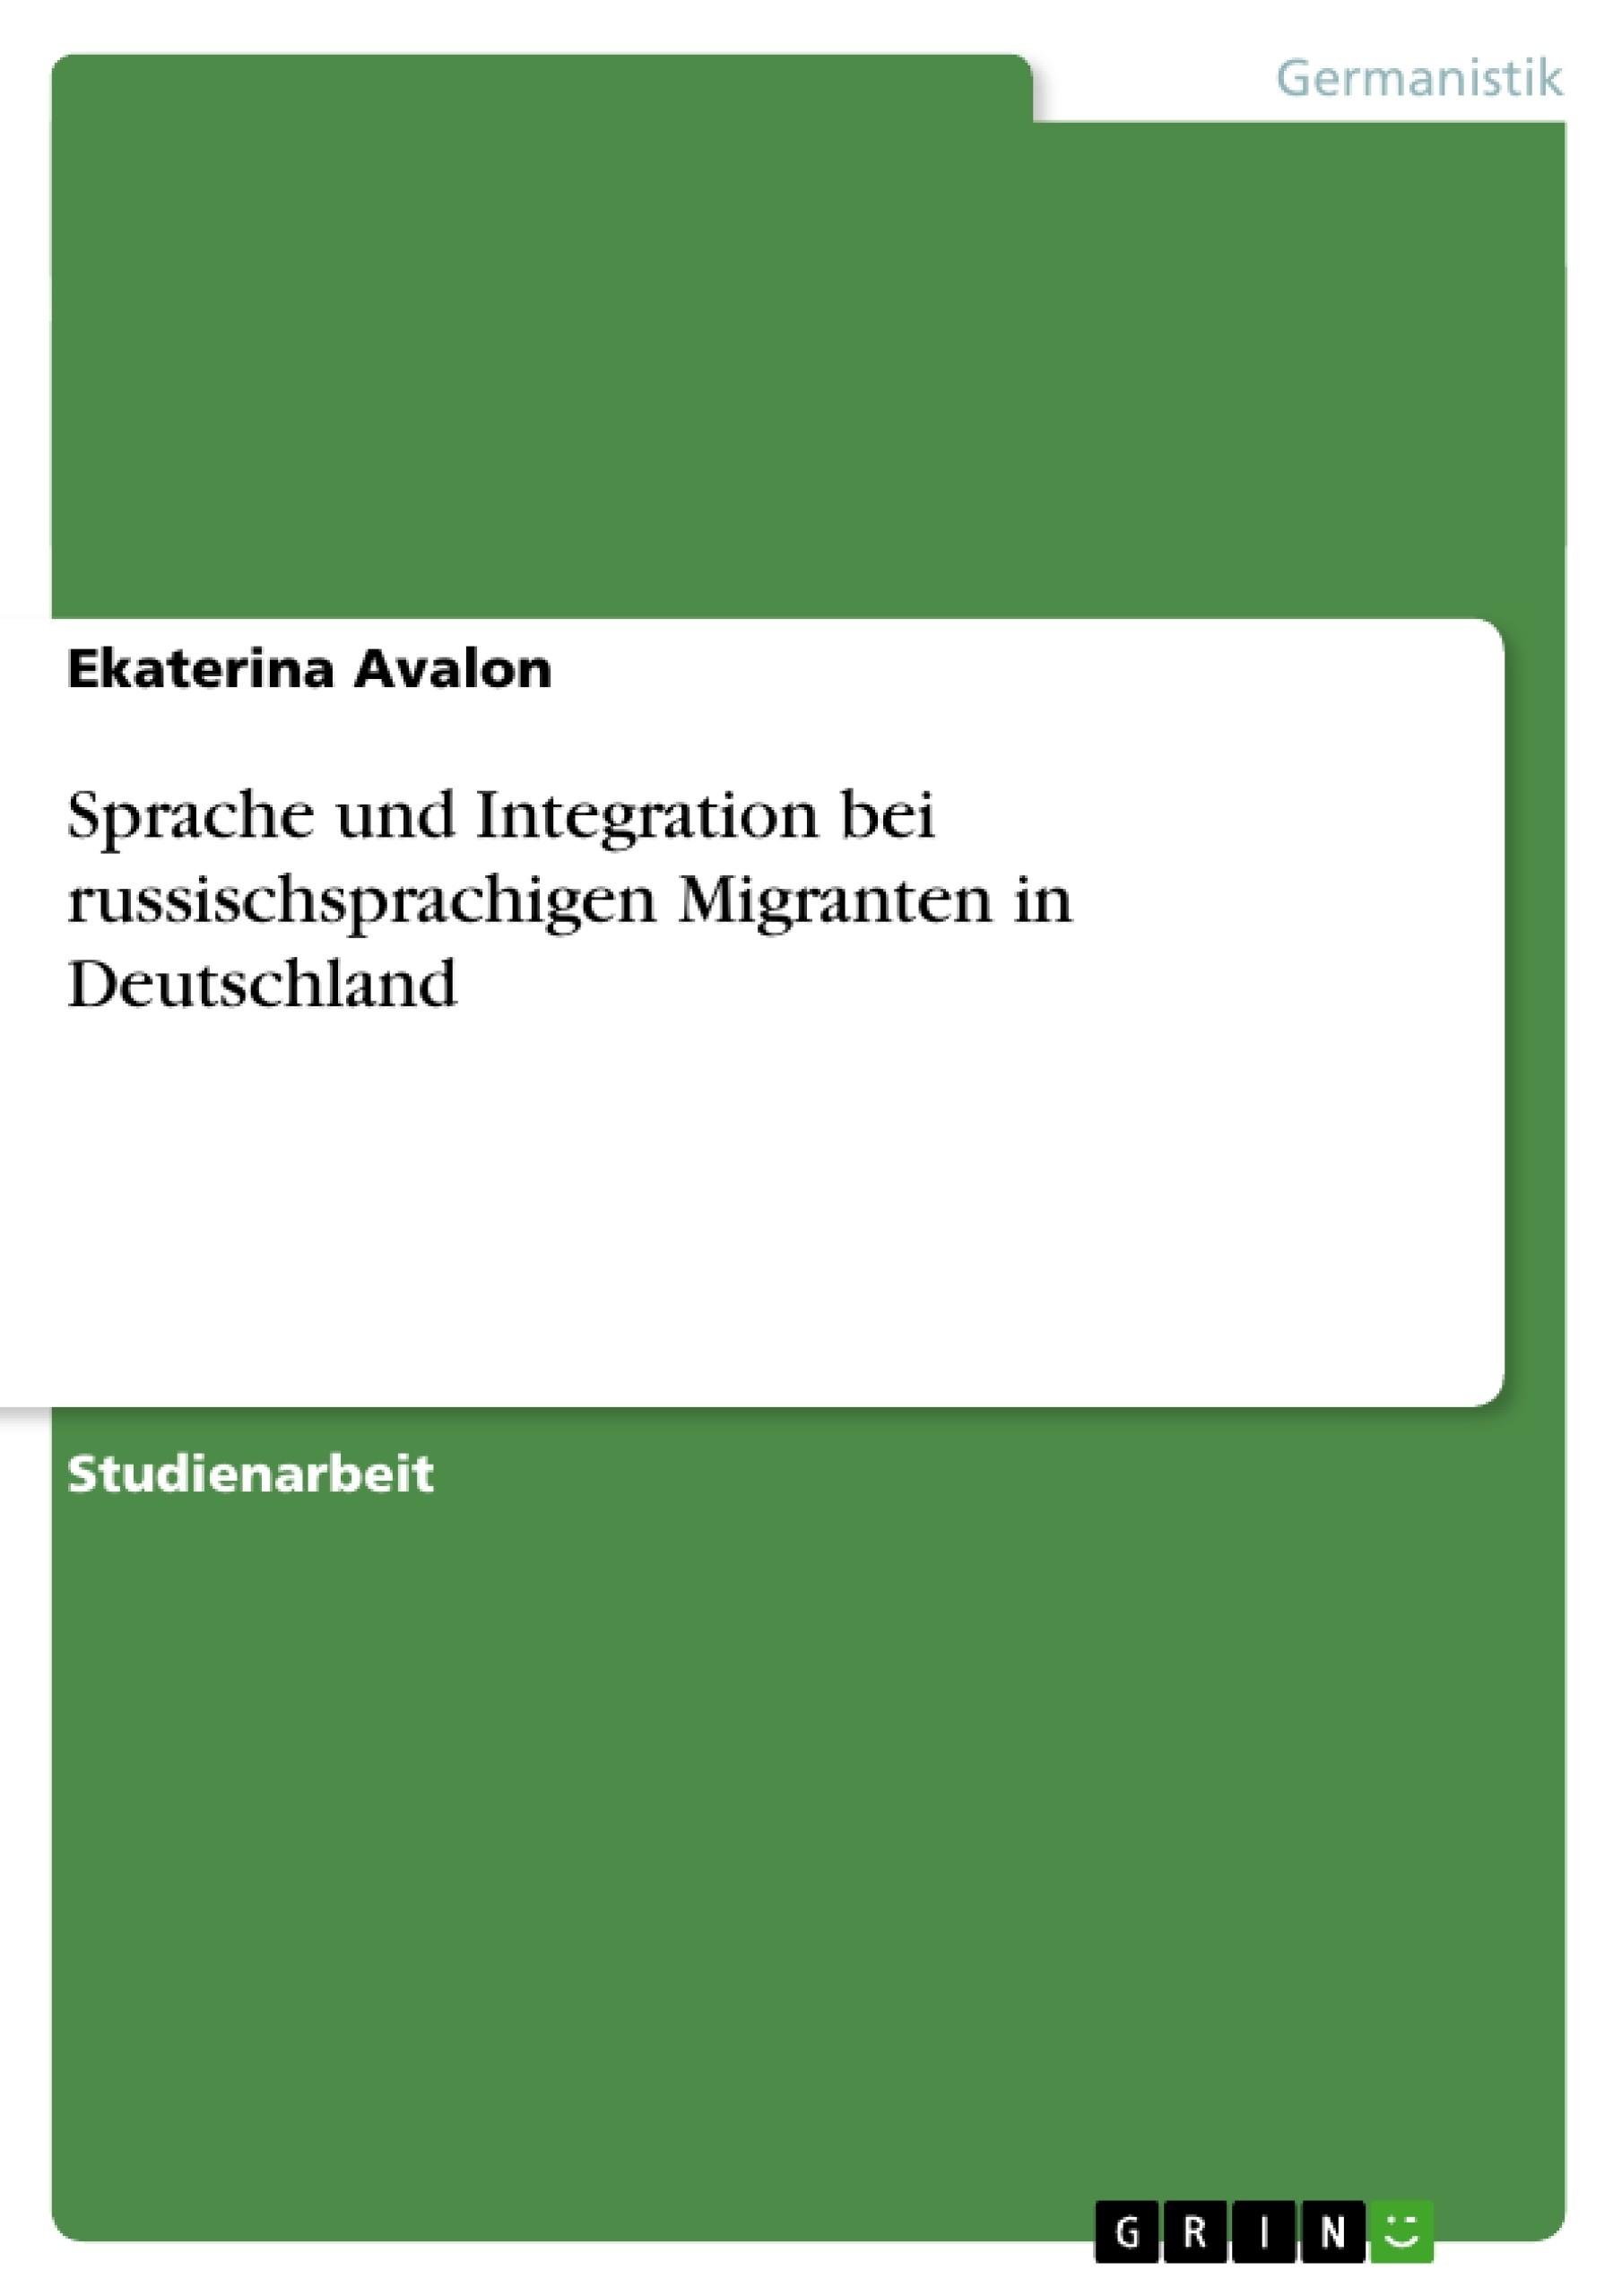 Titel: Sprache und Integration bei russischsprachigen Migranten in Deutschland